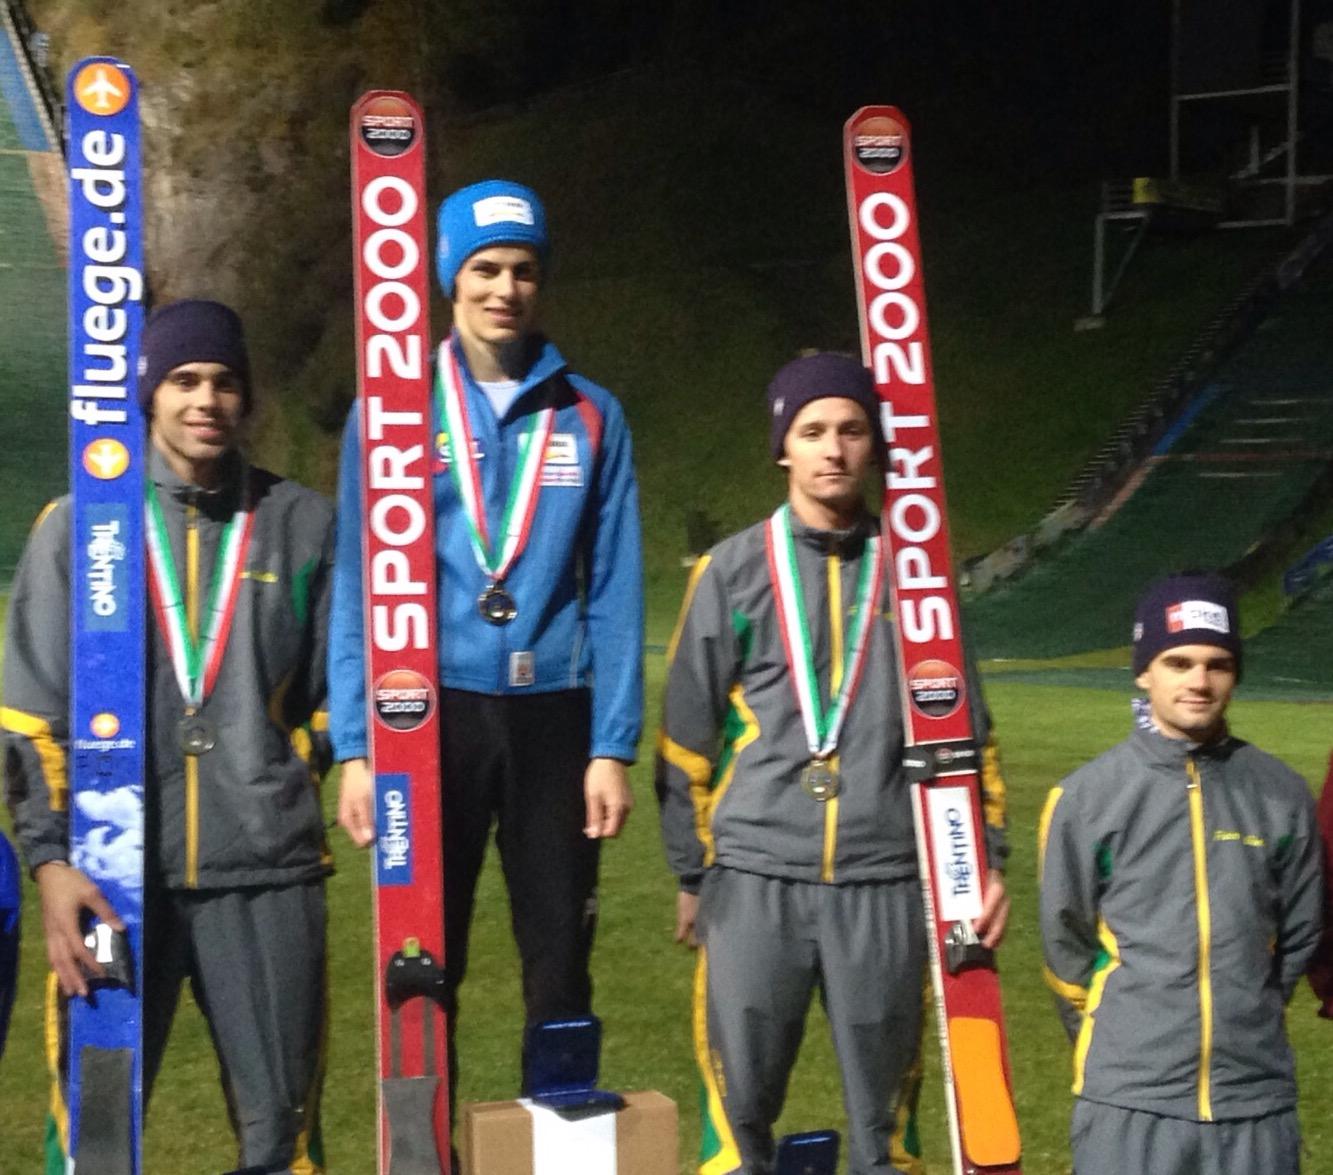 Il podio Assoluto, con Colloredo e Federico Cecon rispettivamente secondo e primo da destra